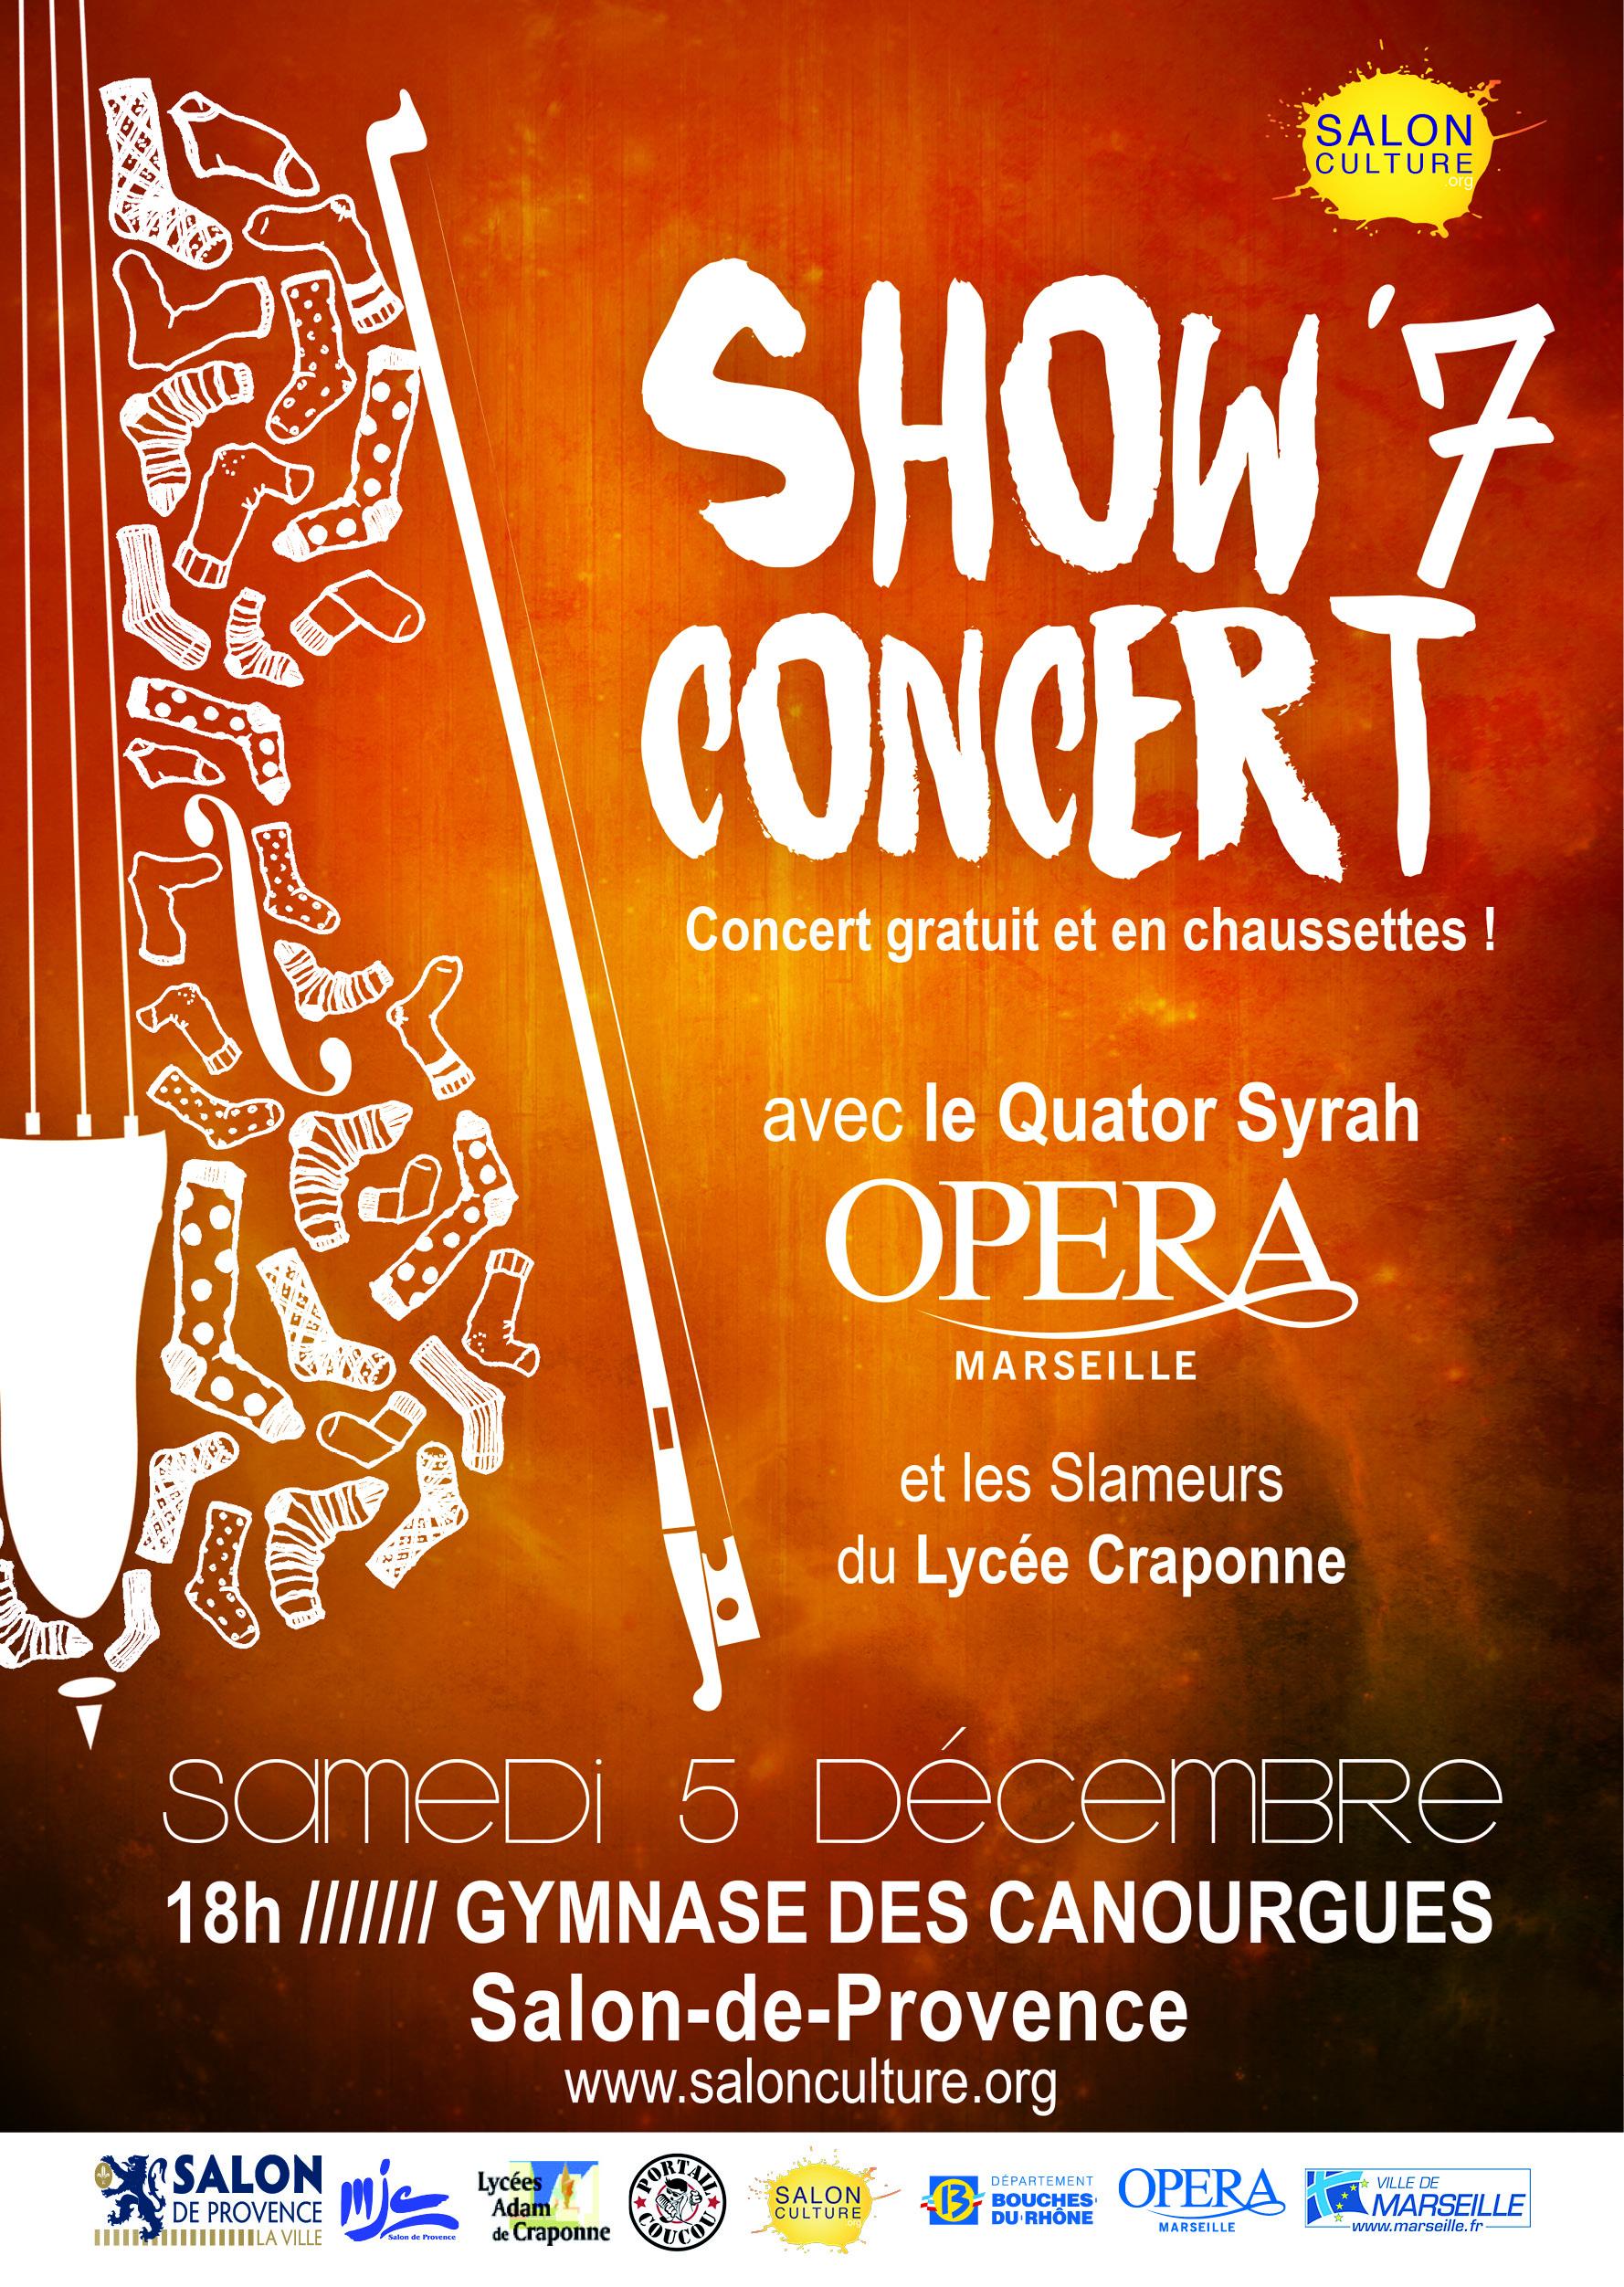 Show 7 concert 2015 salon culture for Lycee craponne salon